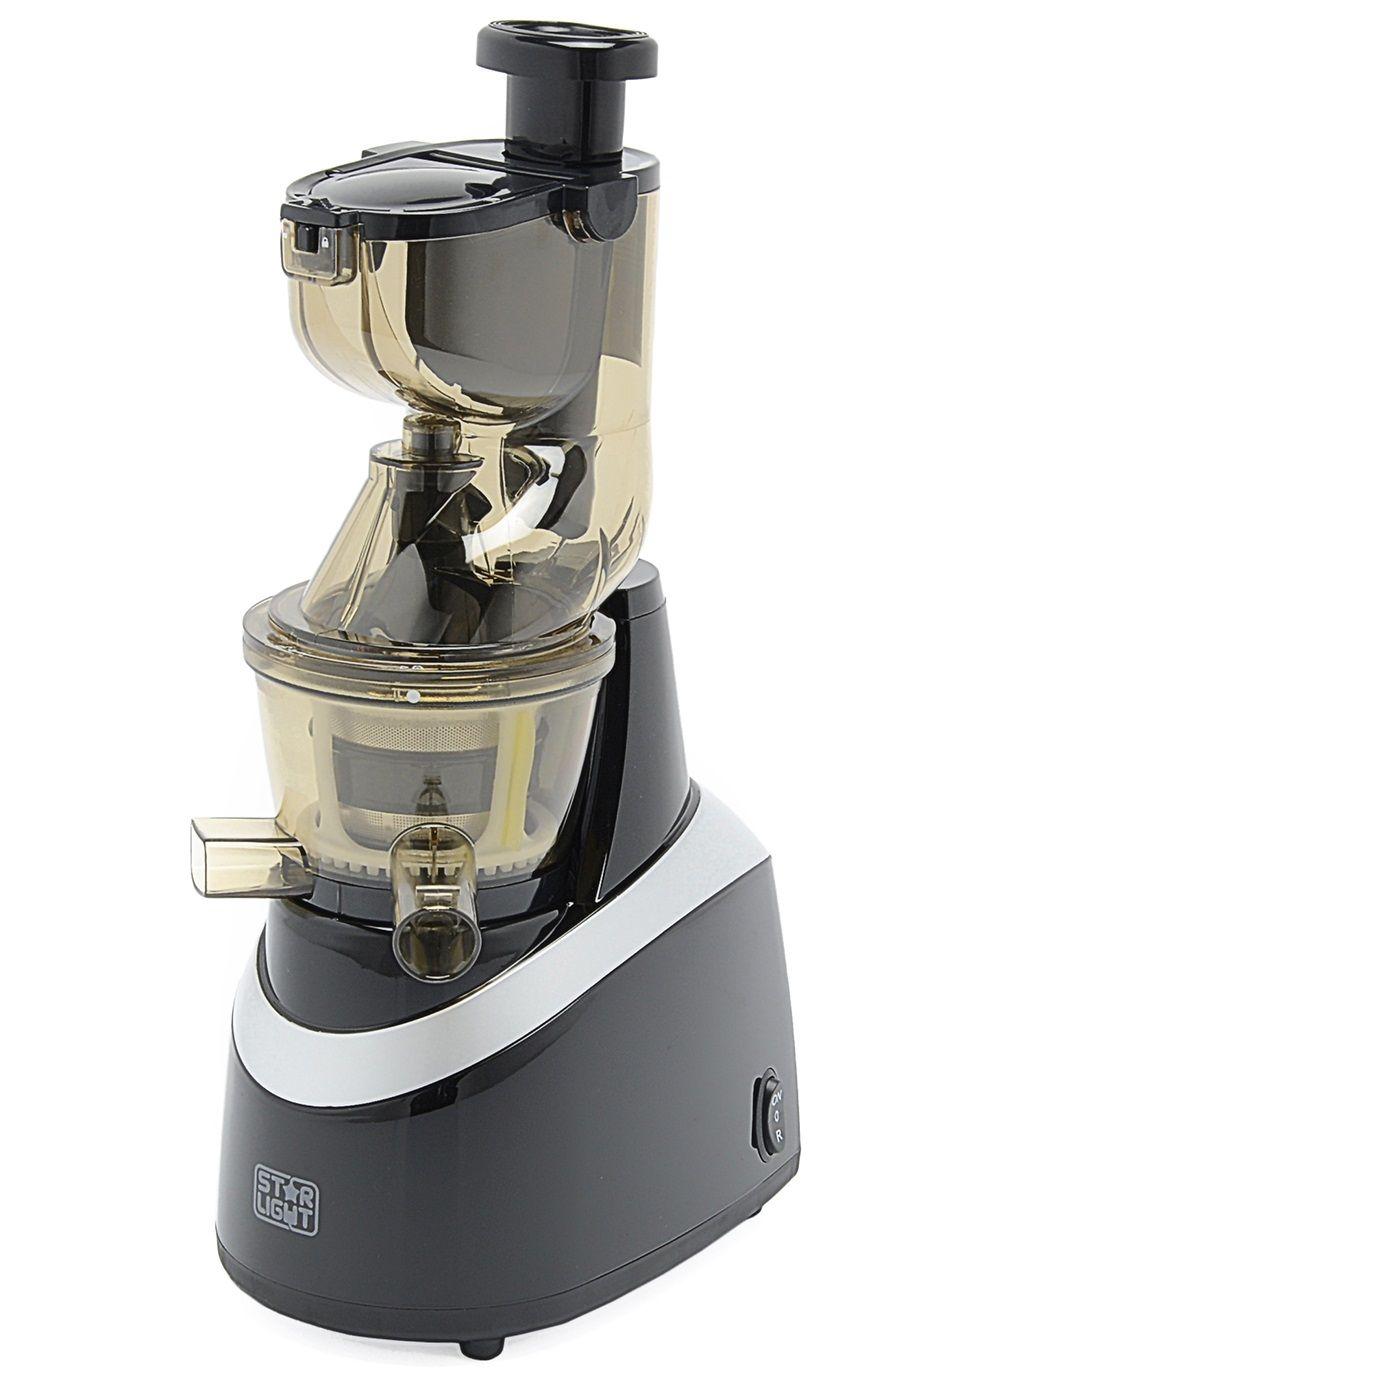 Сокоизстисквачка за плодове и зеленчуци със спирала Star-Light SJB-240B, 240 W, 80 RPM, Съд за сок 1.0 л,Функция Reverse, Тръба 80 мм, Черна/Сребриста